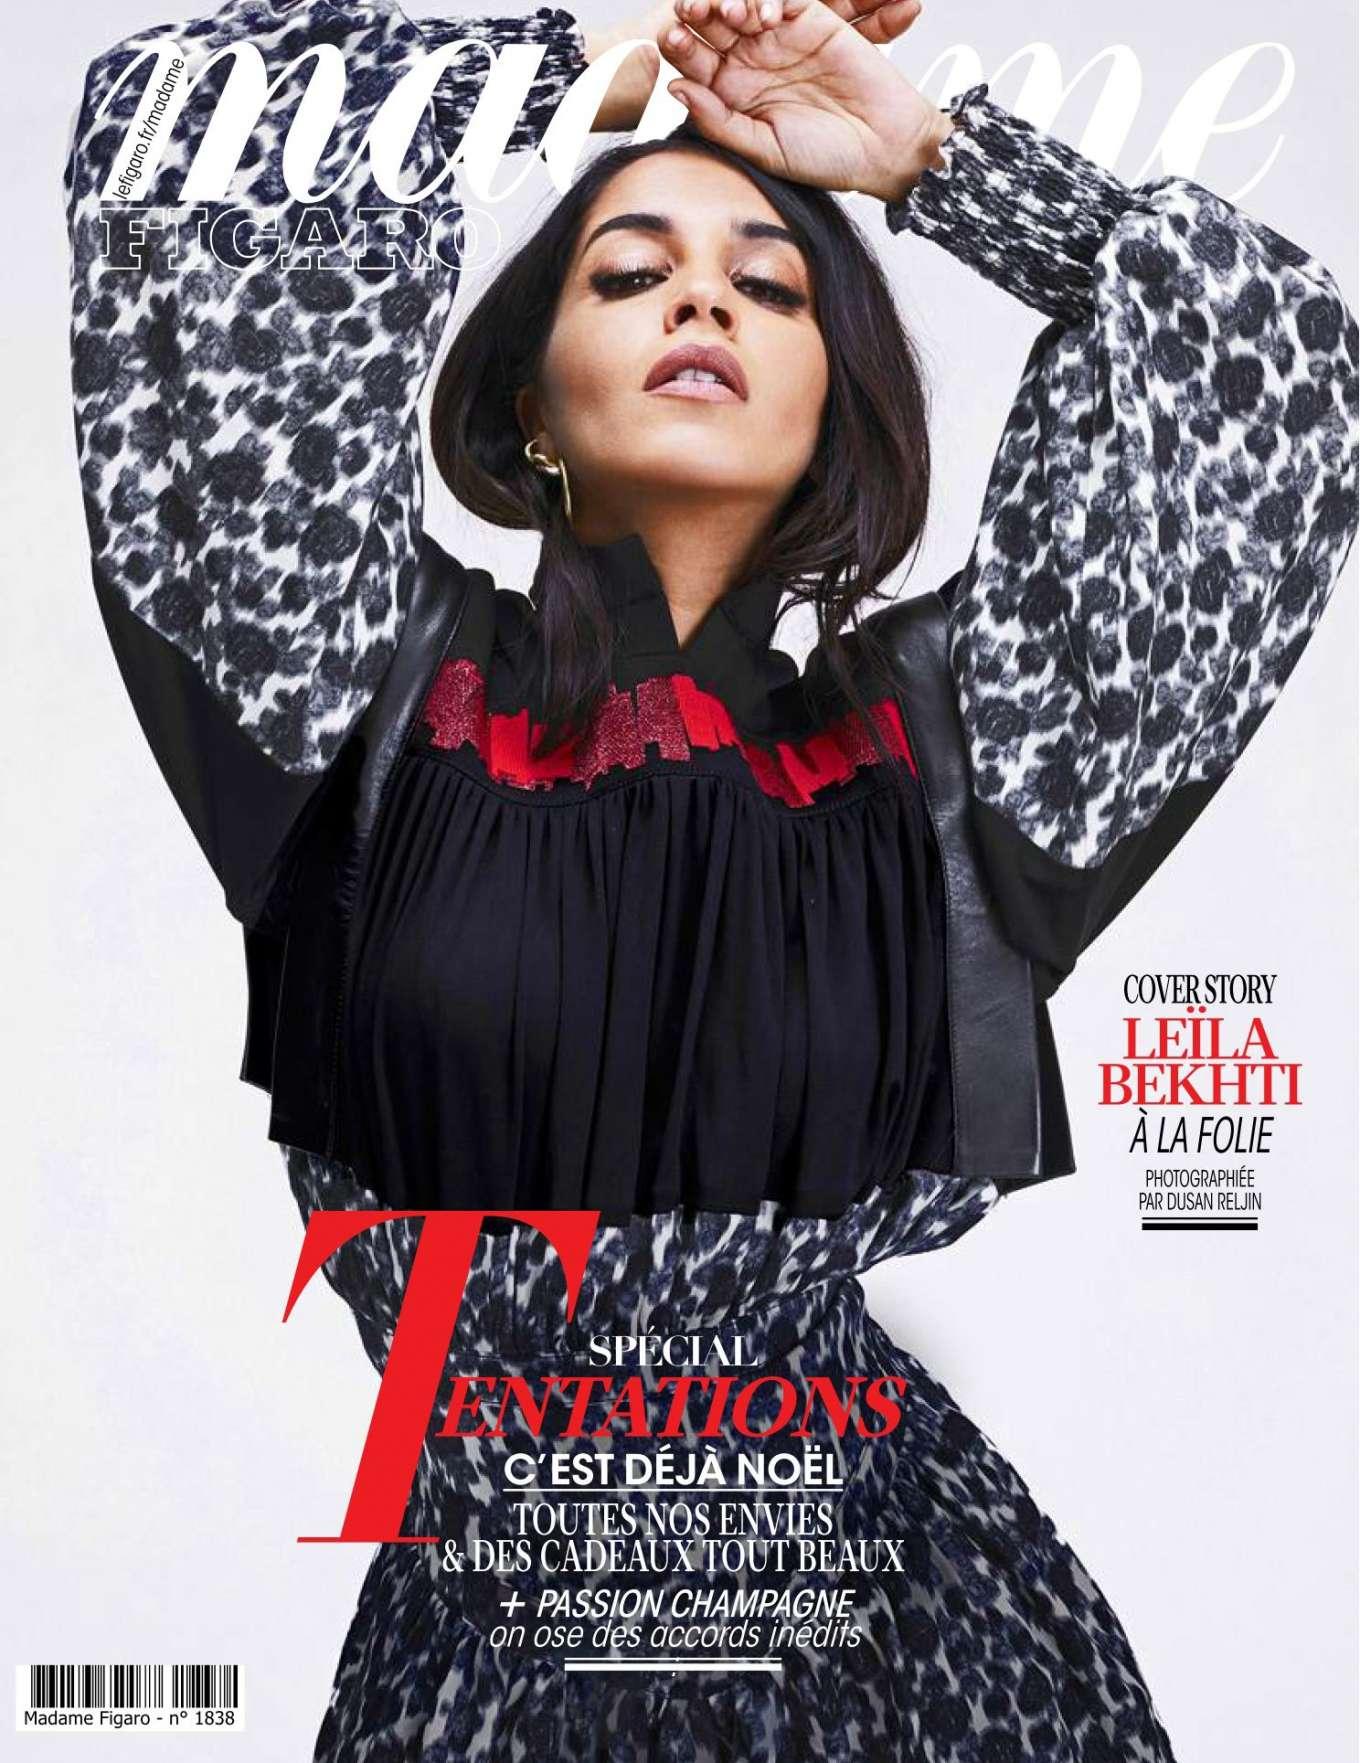 Leïla Bekhti 2019 : Leila Bekhti – Madame Figaro 2019-08